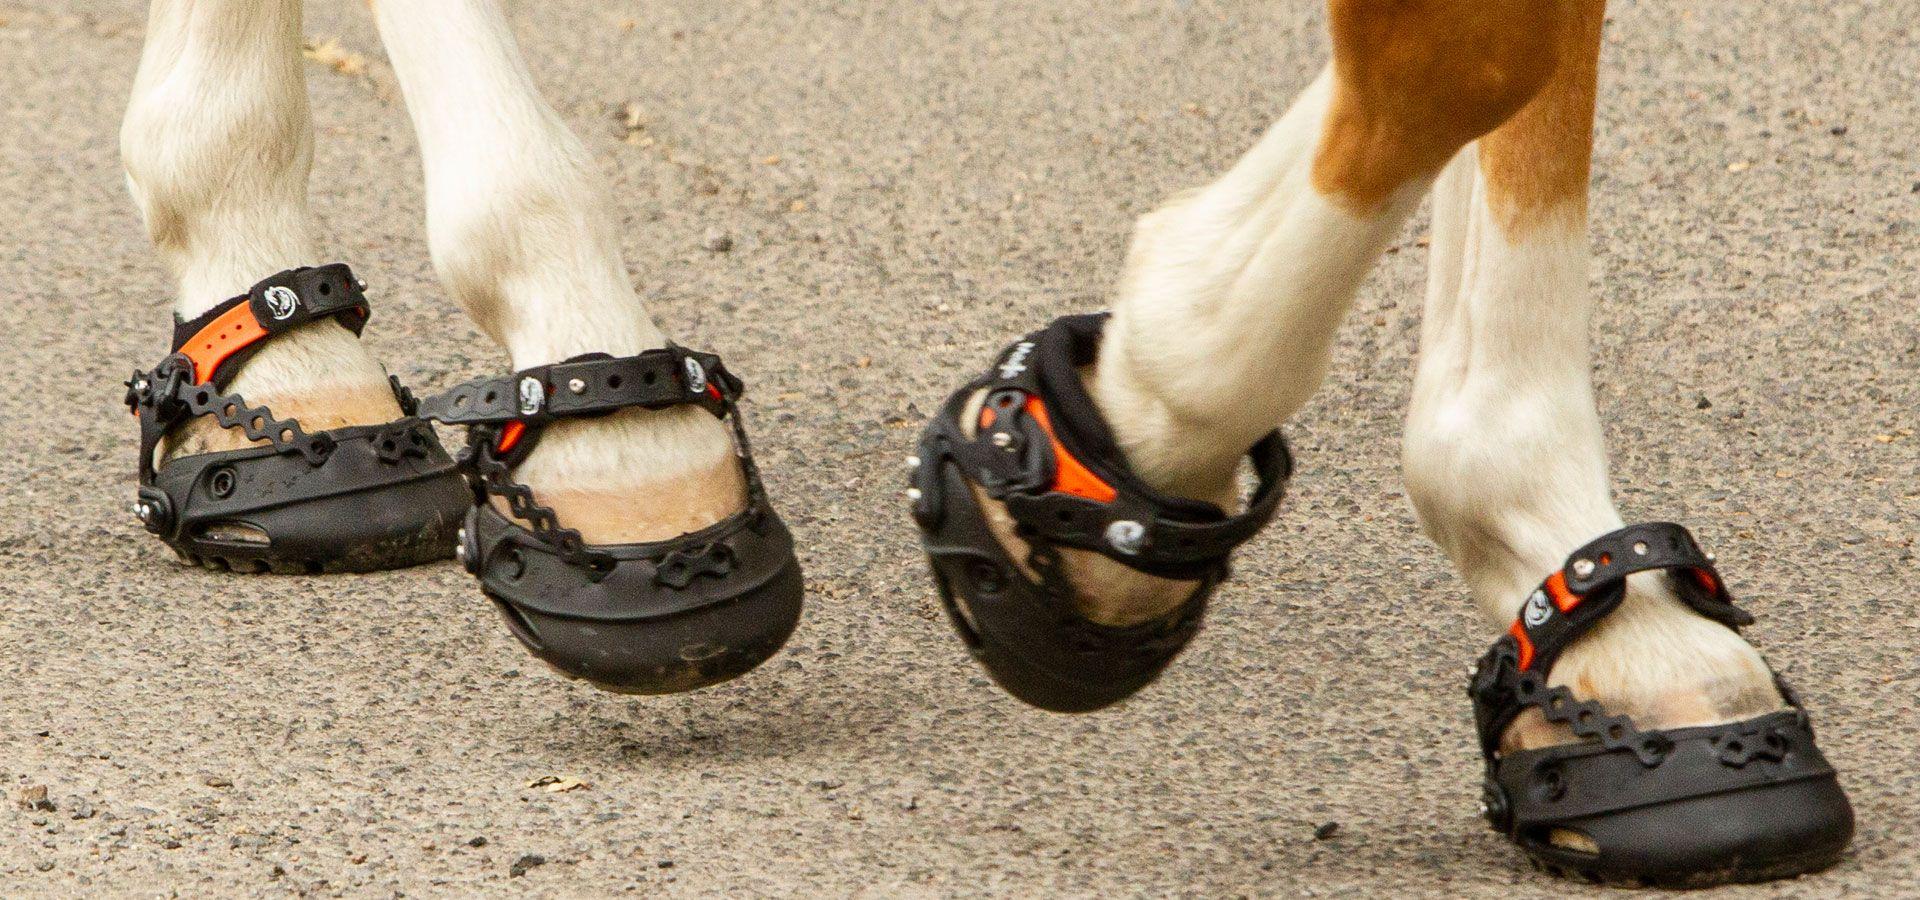 Bota para caballos Explora Magic, nuevo modelo con calcetin de neopreno en acción